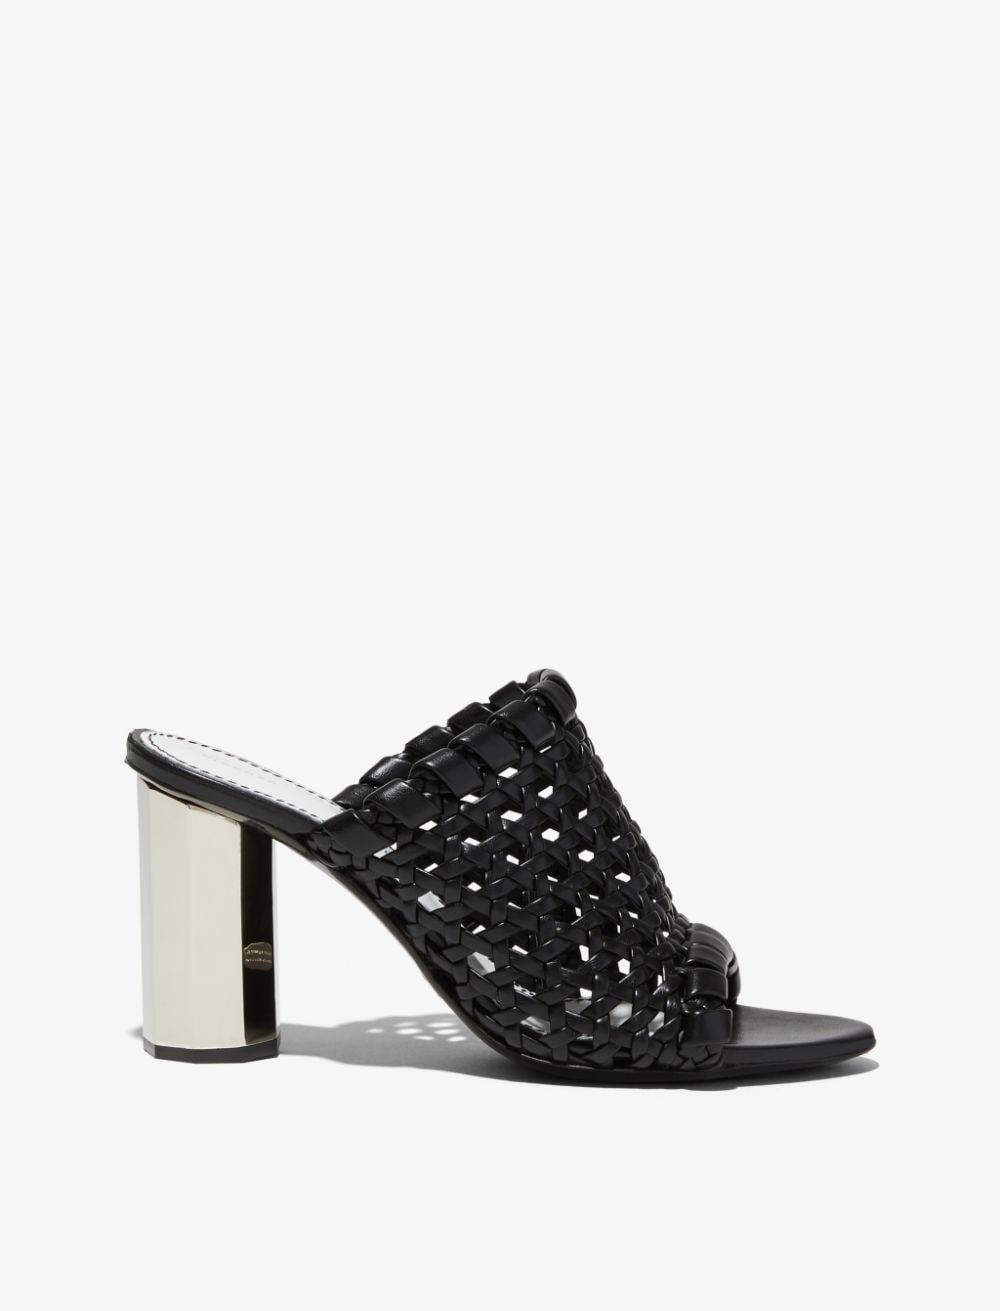 Proenza Schouler Woven High Heel Sandals black 39.5